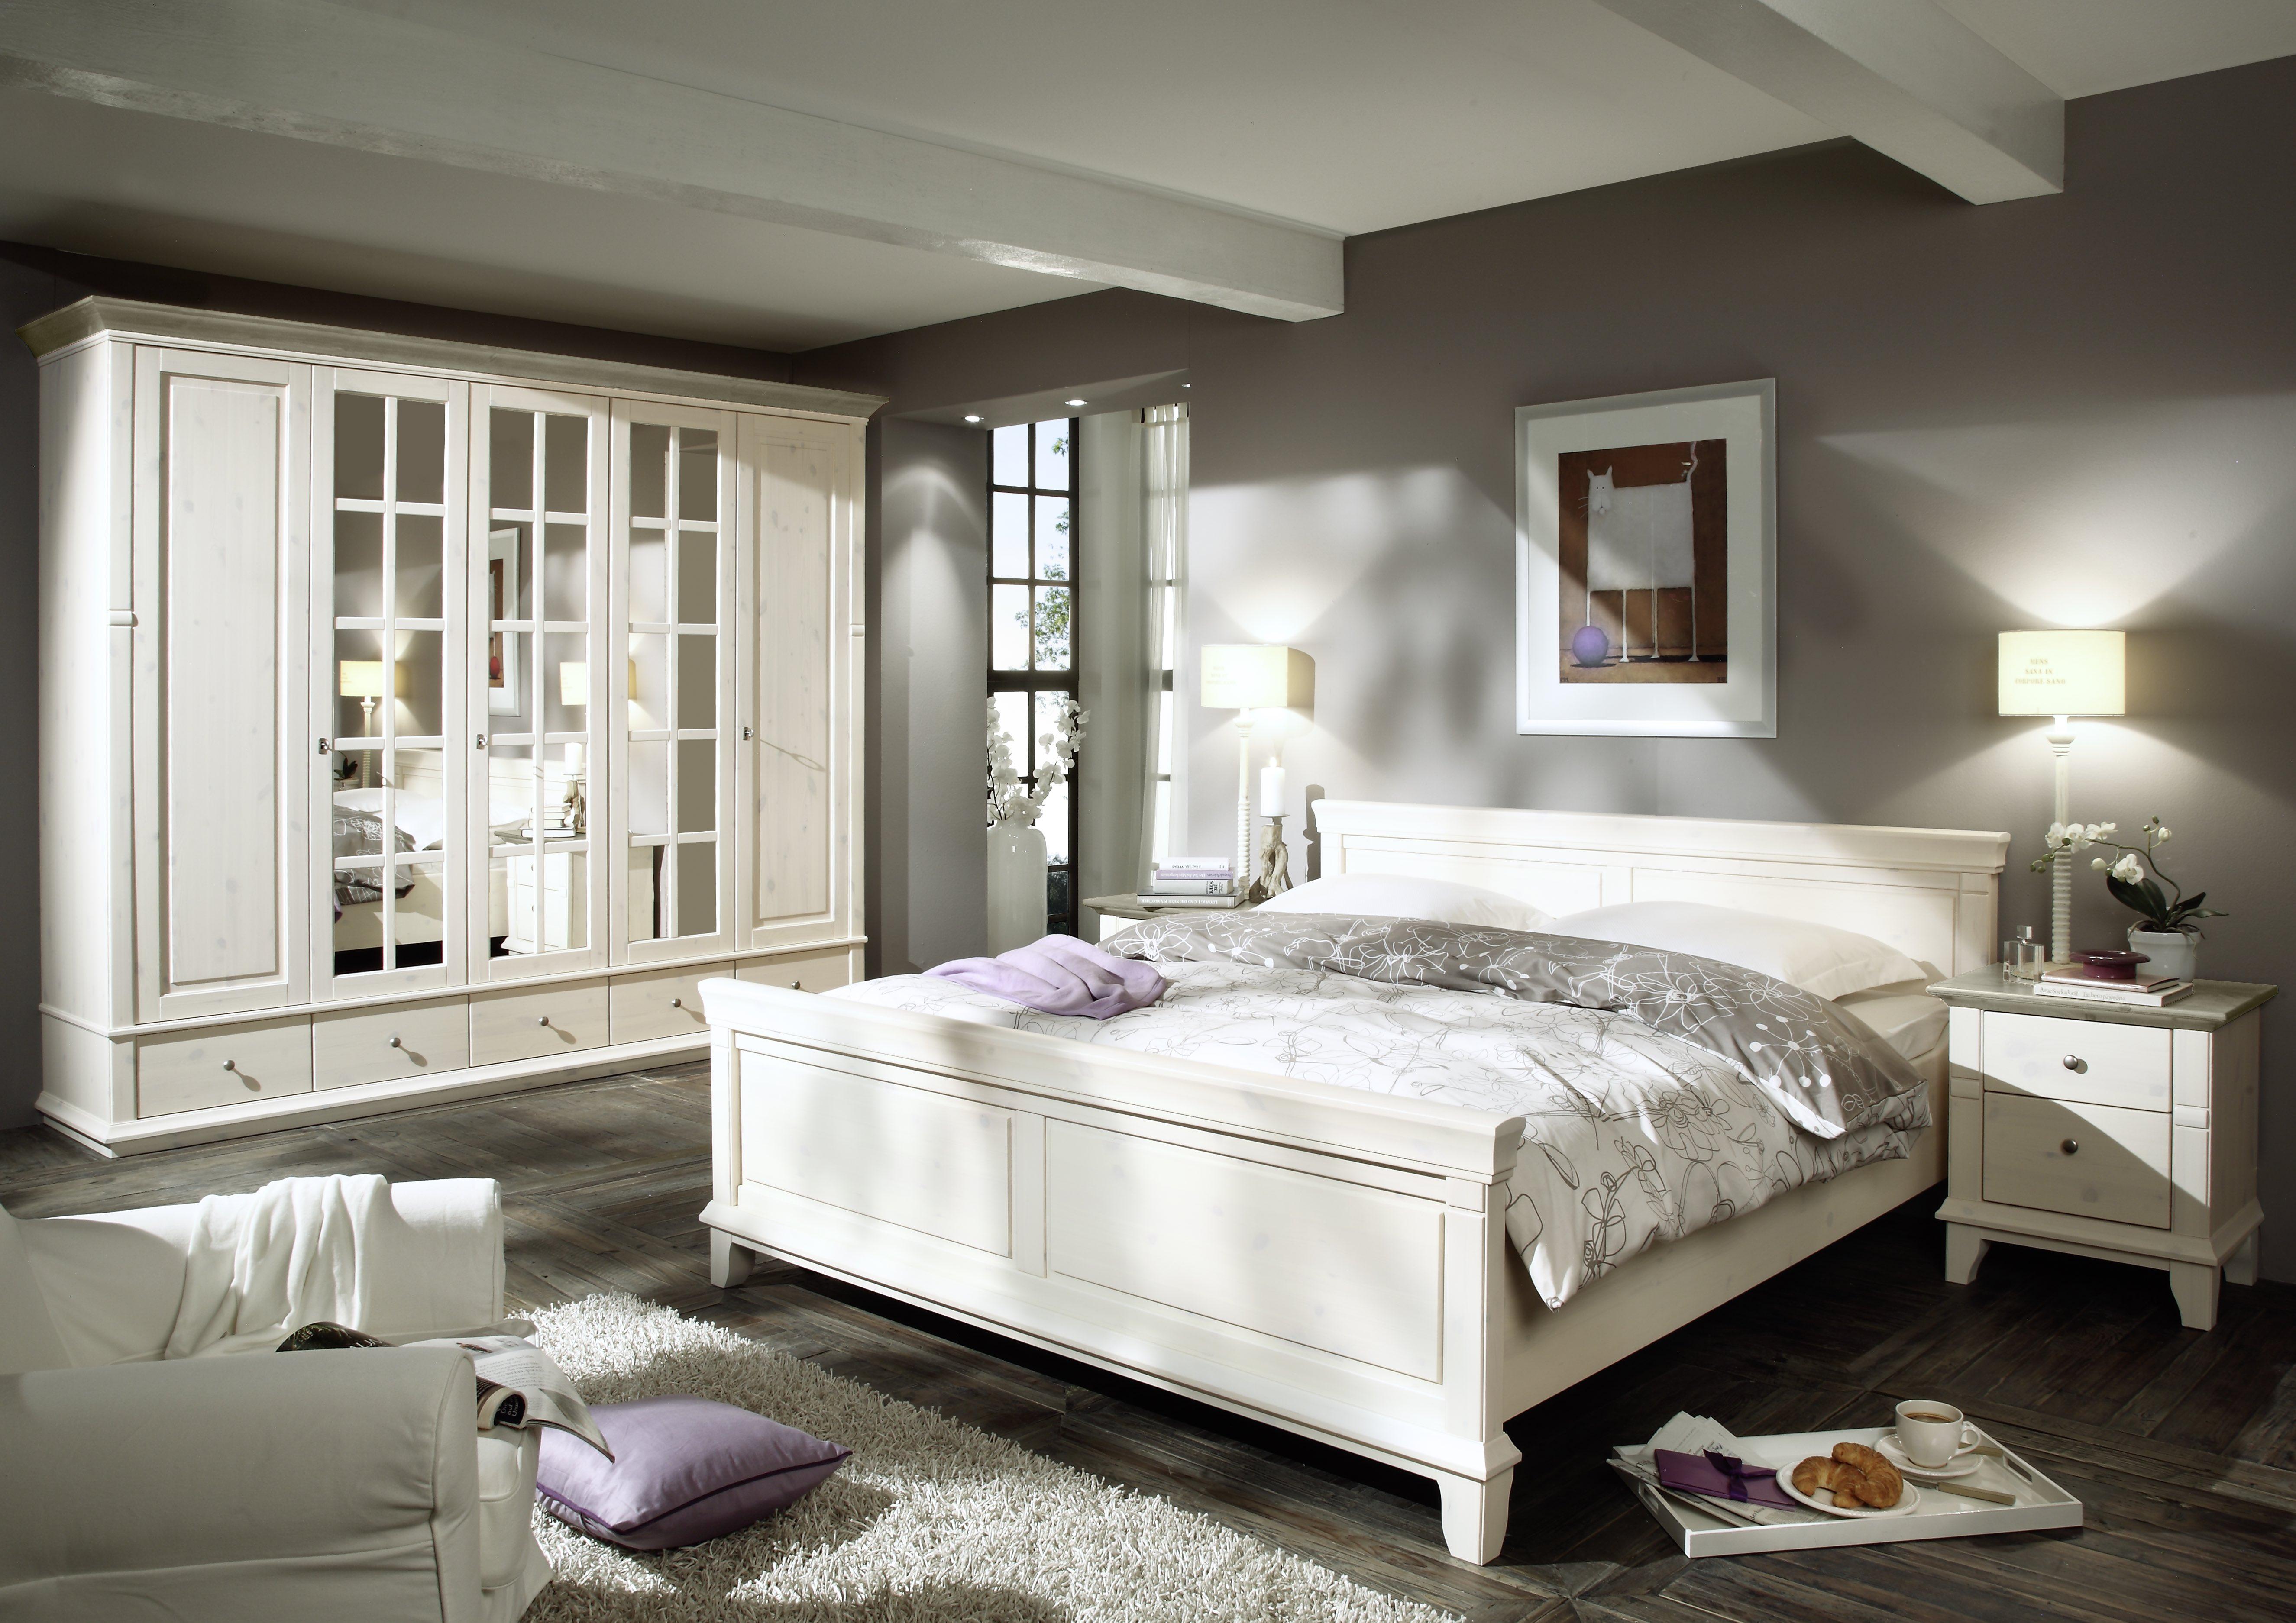 Pat din lemn masiv georgia somproduct - Camera da letto con baldacchino ...